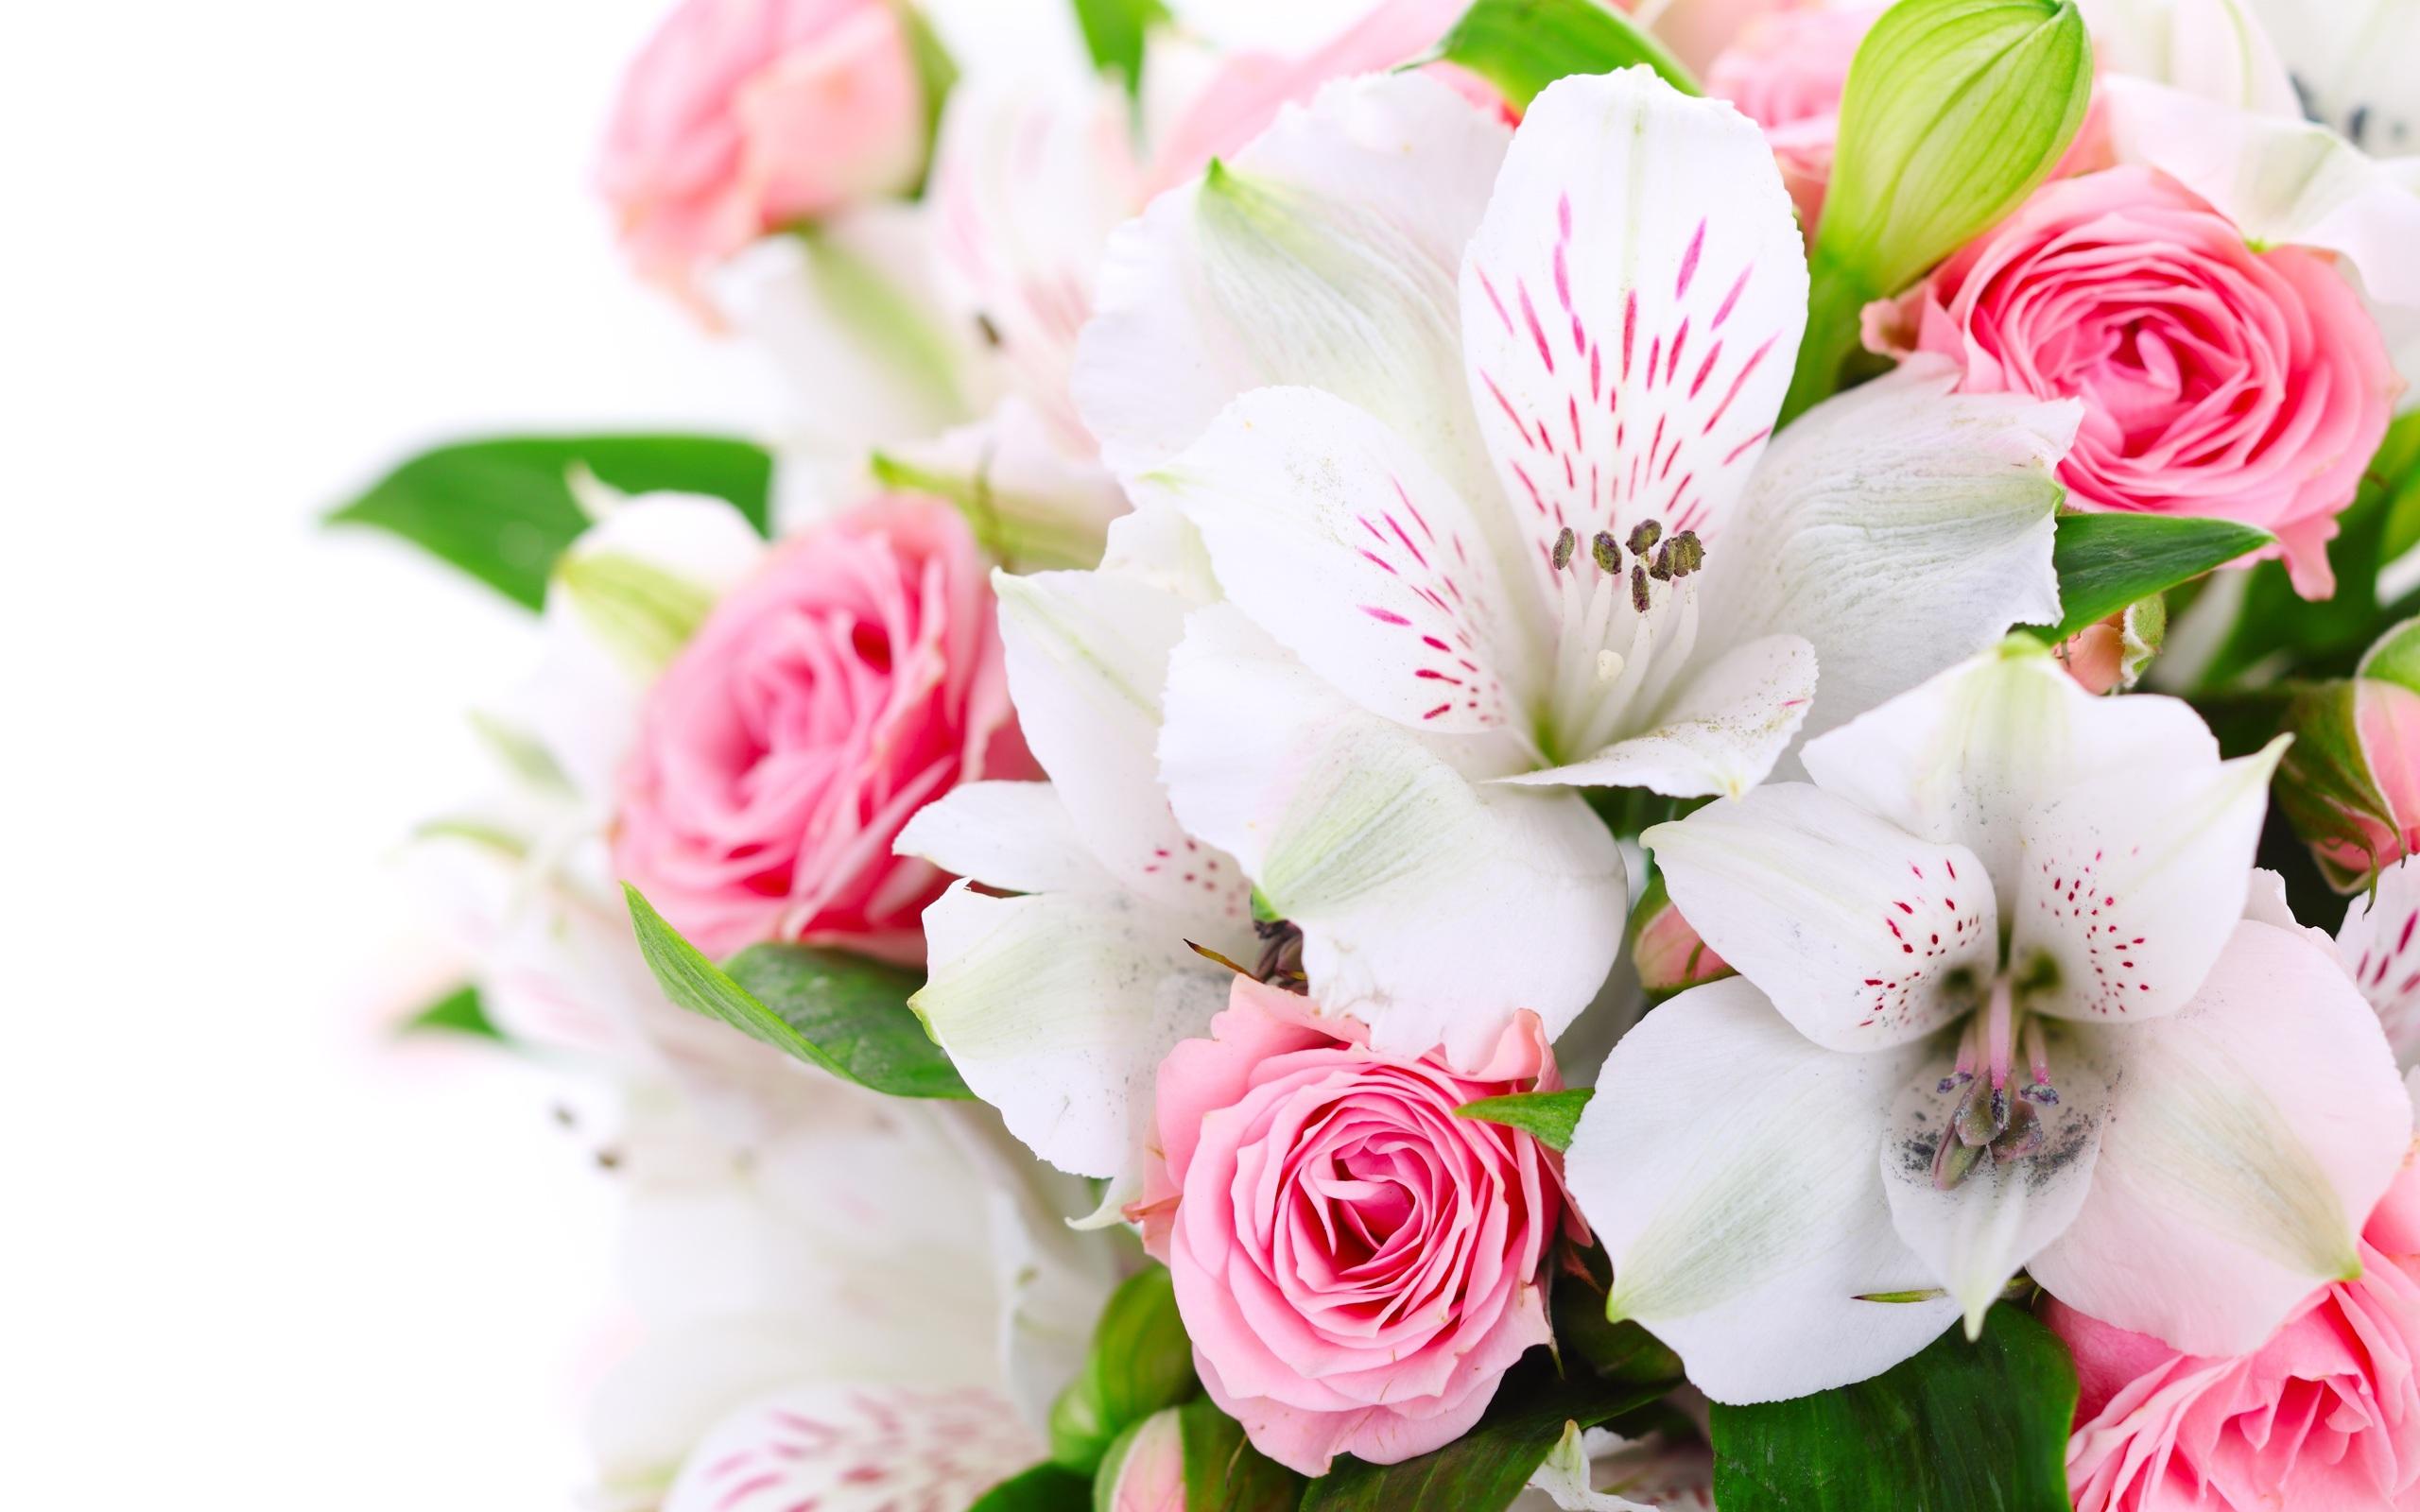 Fonds d 39 cran a bouquet fleurs des roses roses des for Bouquet de fleurs hd